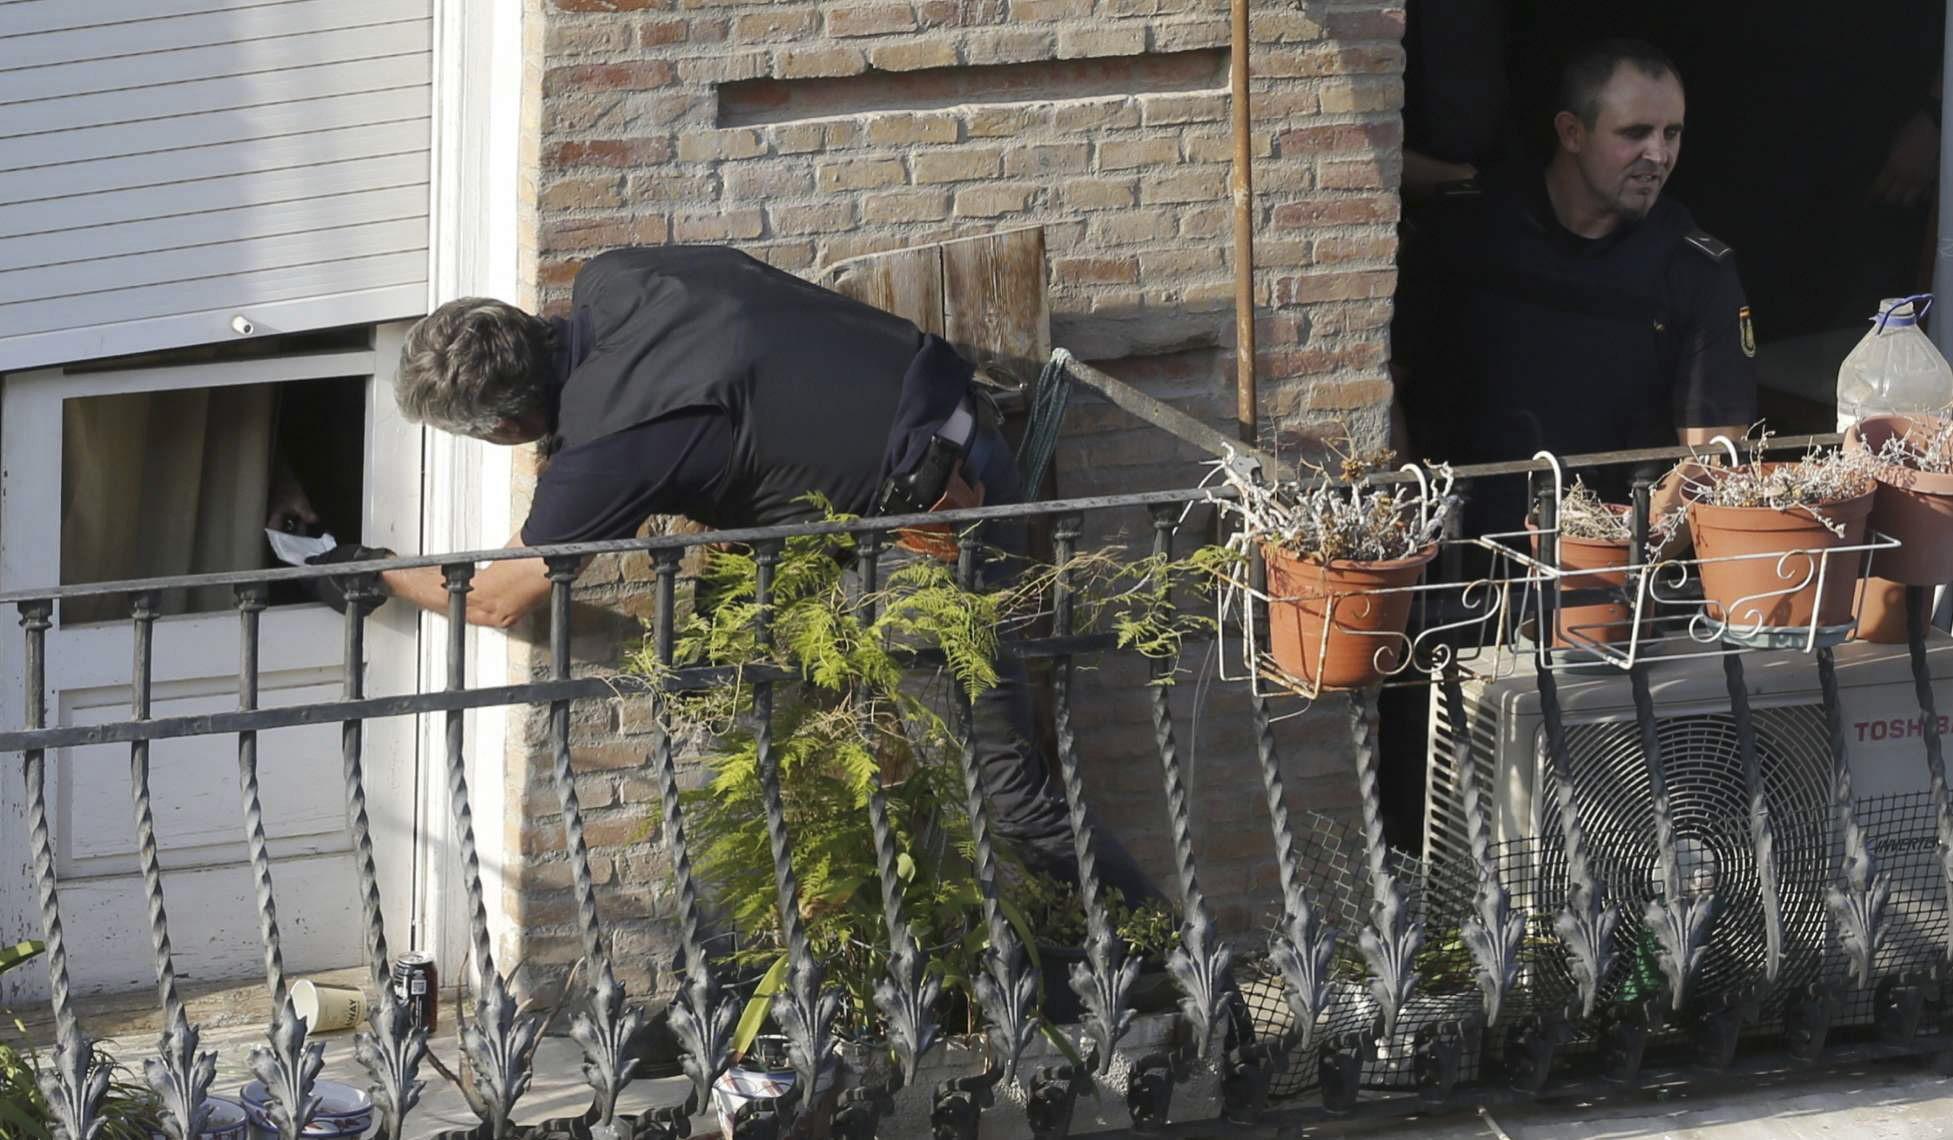 Acordonan el centro de Murcia tras atrincherarse un hombre en su vivienda